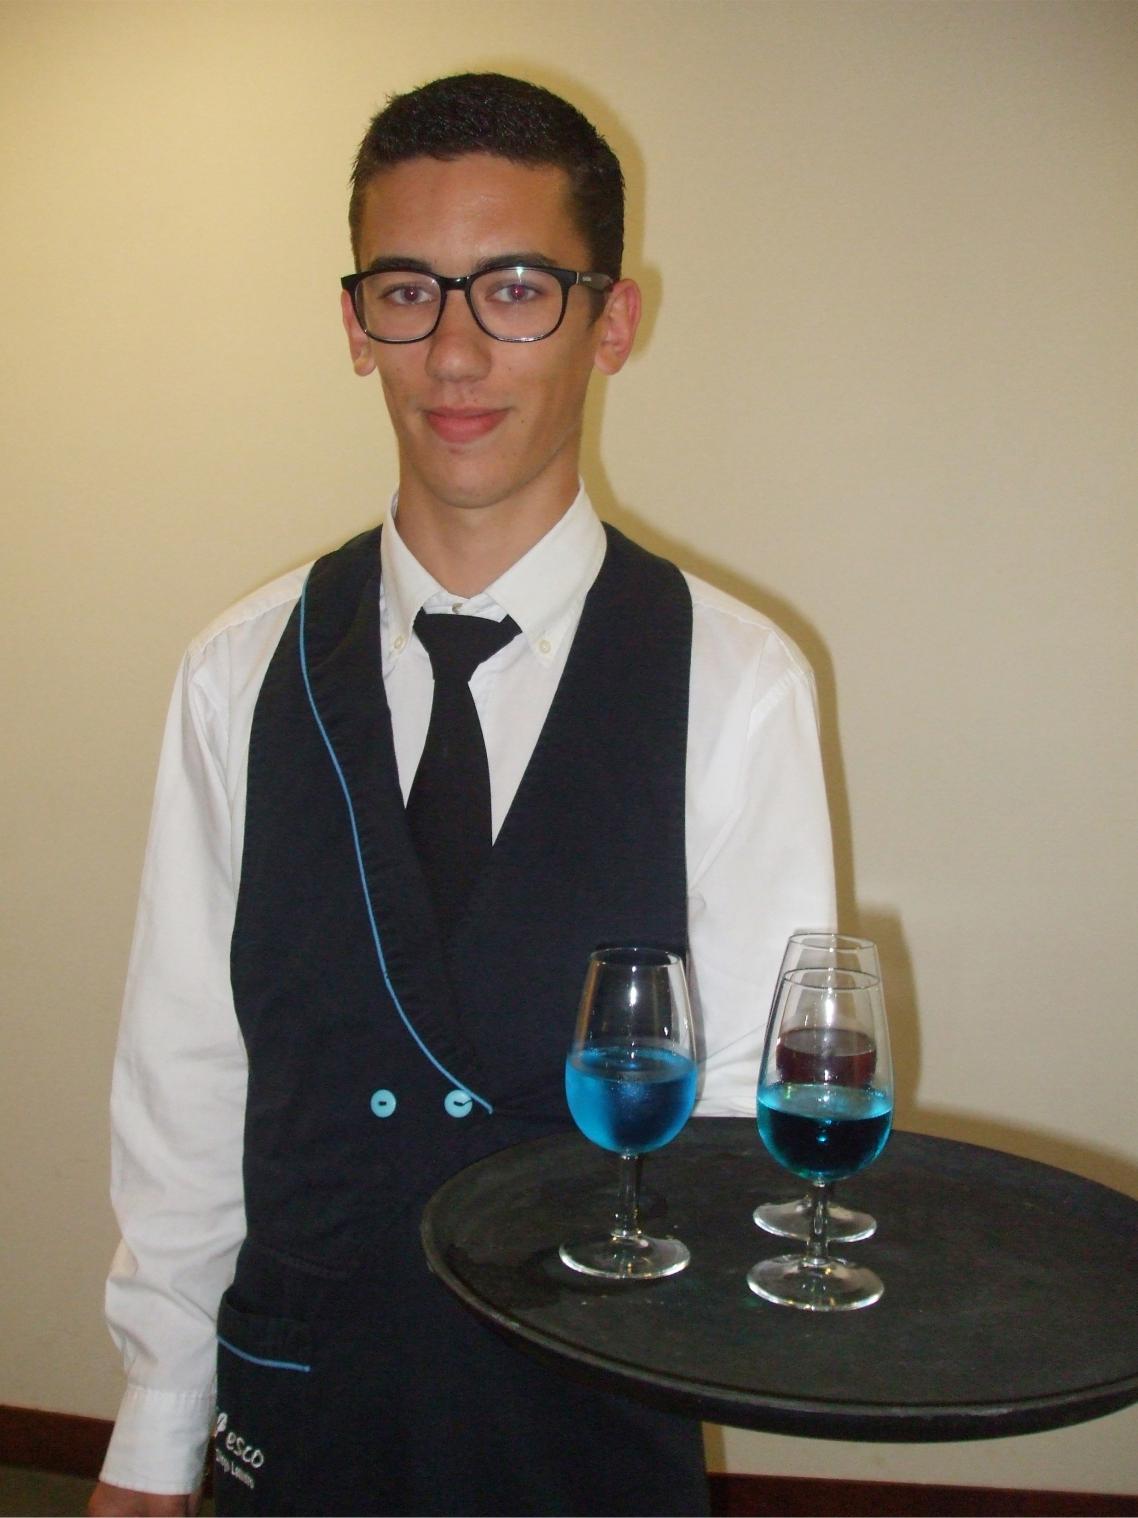 Curso Profissional Técnico de Restaurante / Bar